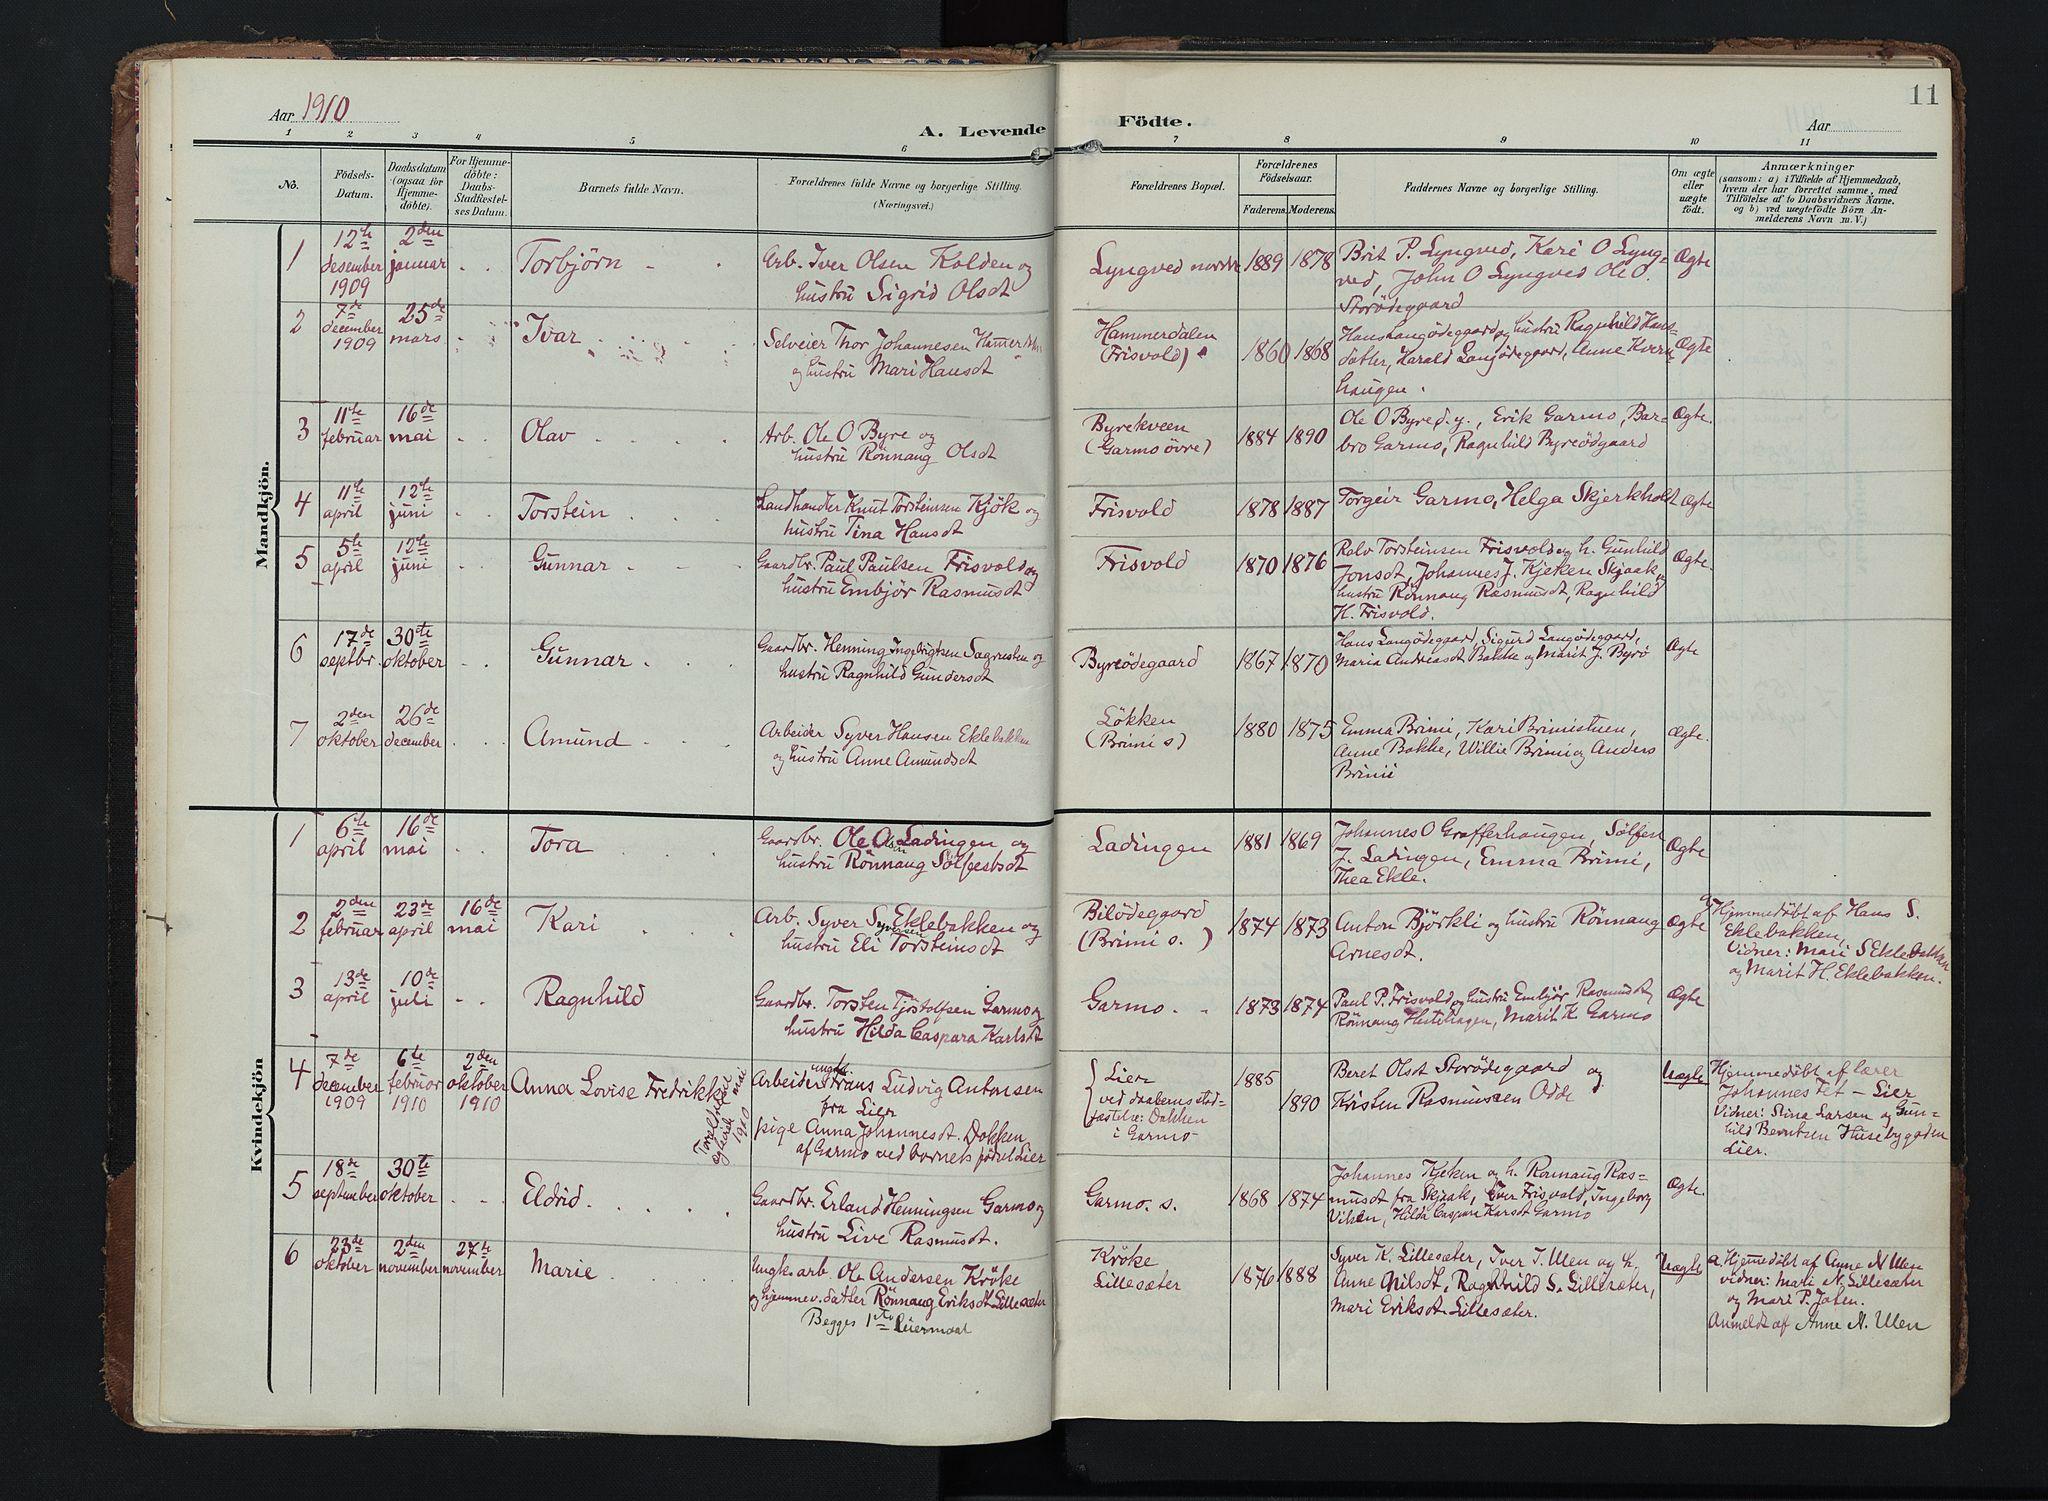 SAH, Lom prestekontor, K/L0011: Ministerialbok nr. 11, 1904-1928, s. 11